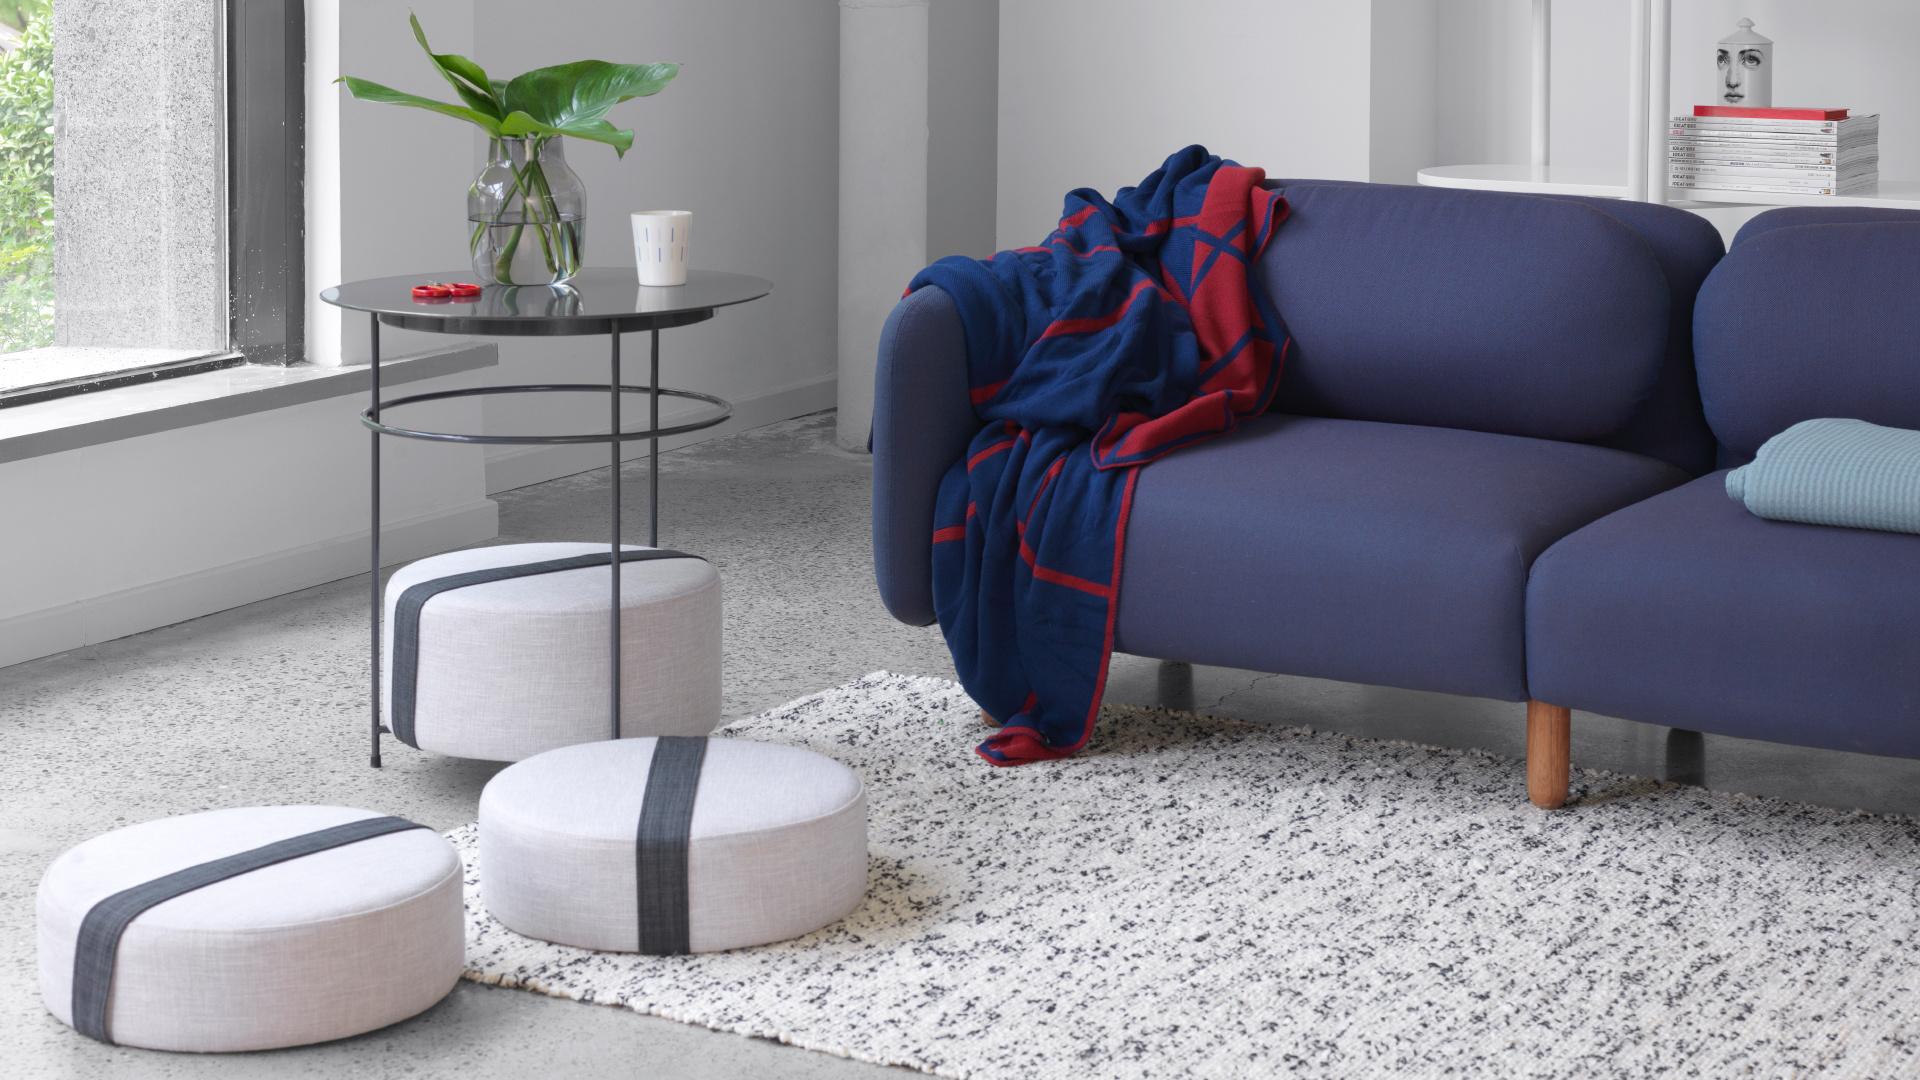 用圆润的鹅卵石沙发奠定轻松氛围,深色沙发对撞浅色地毯,立添一抹轻快。这时,只需一张贴身盖毯,便能实现你对周末小憩的全部期许。